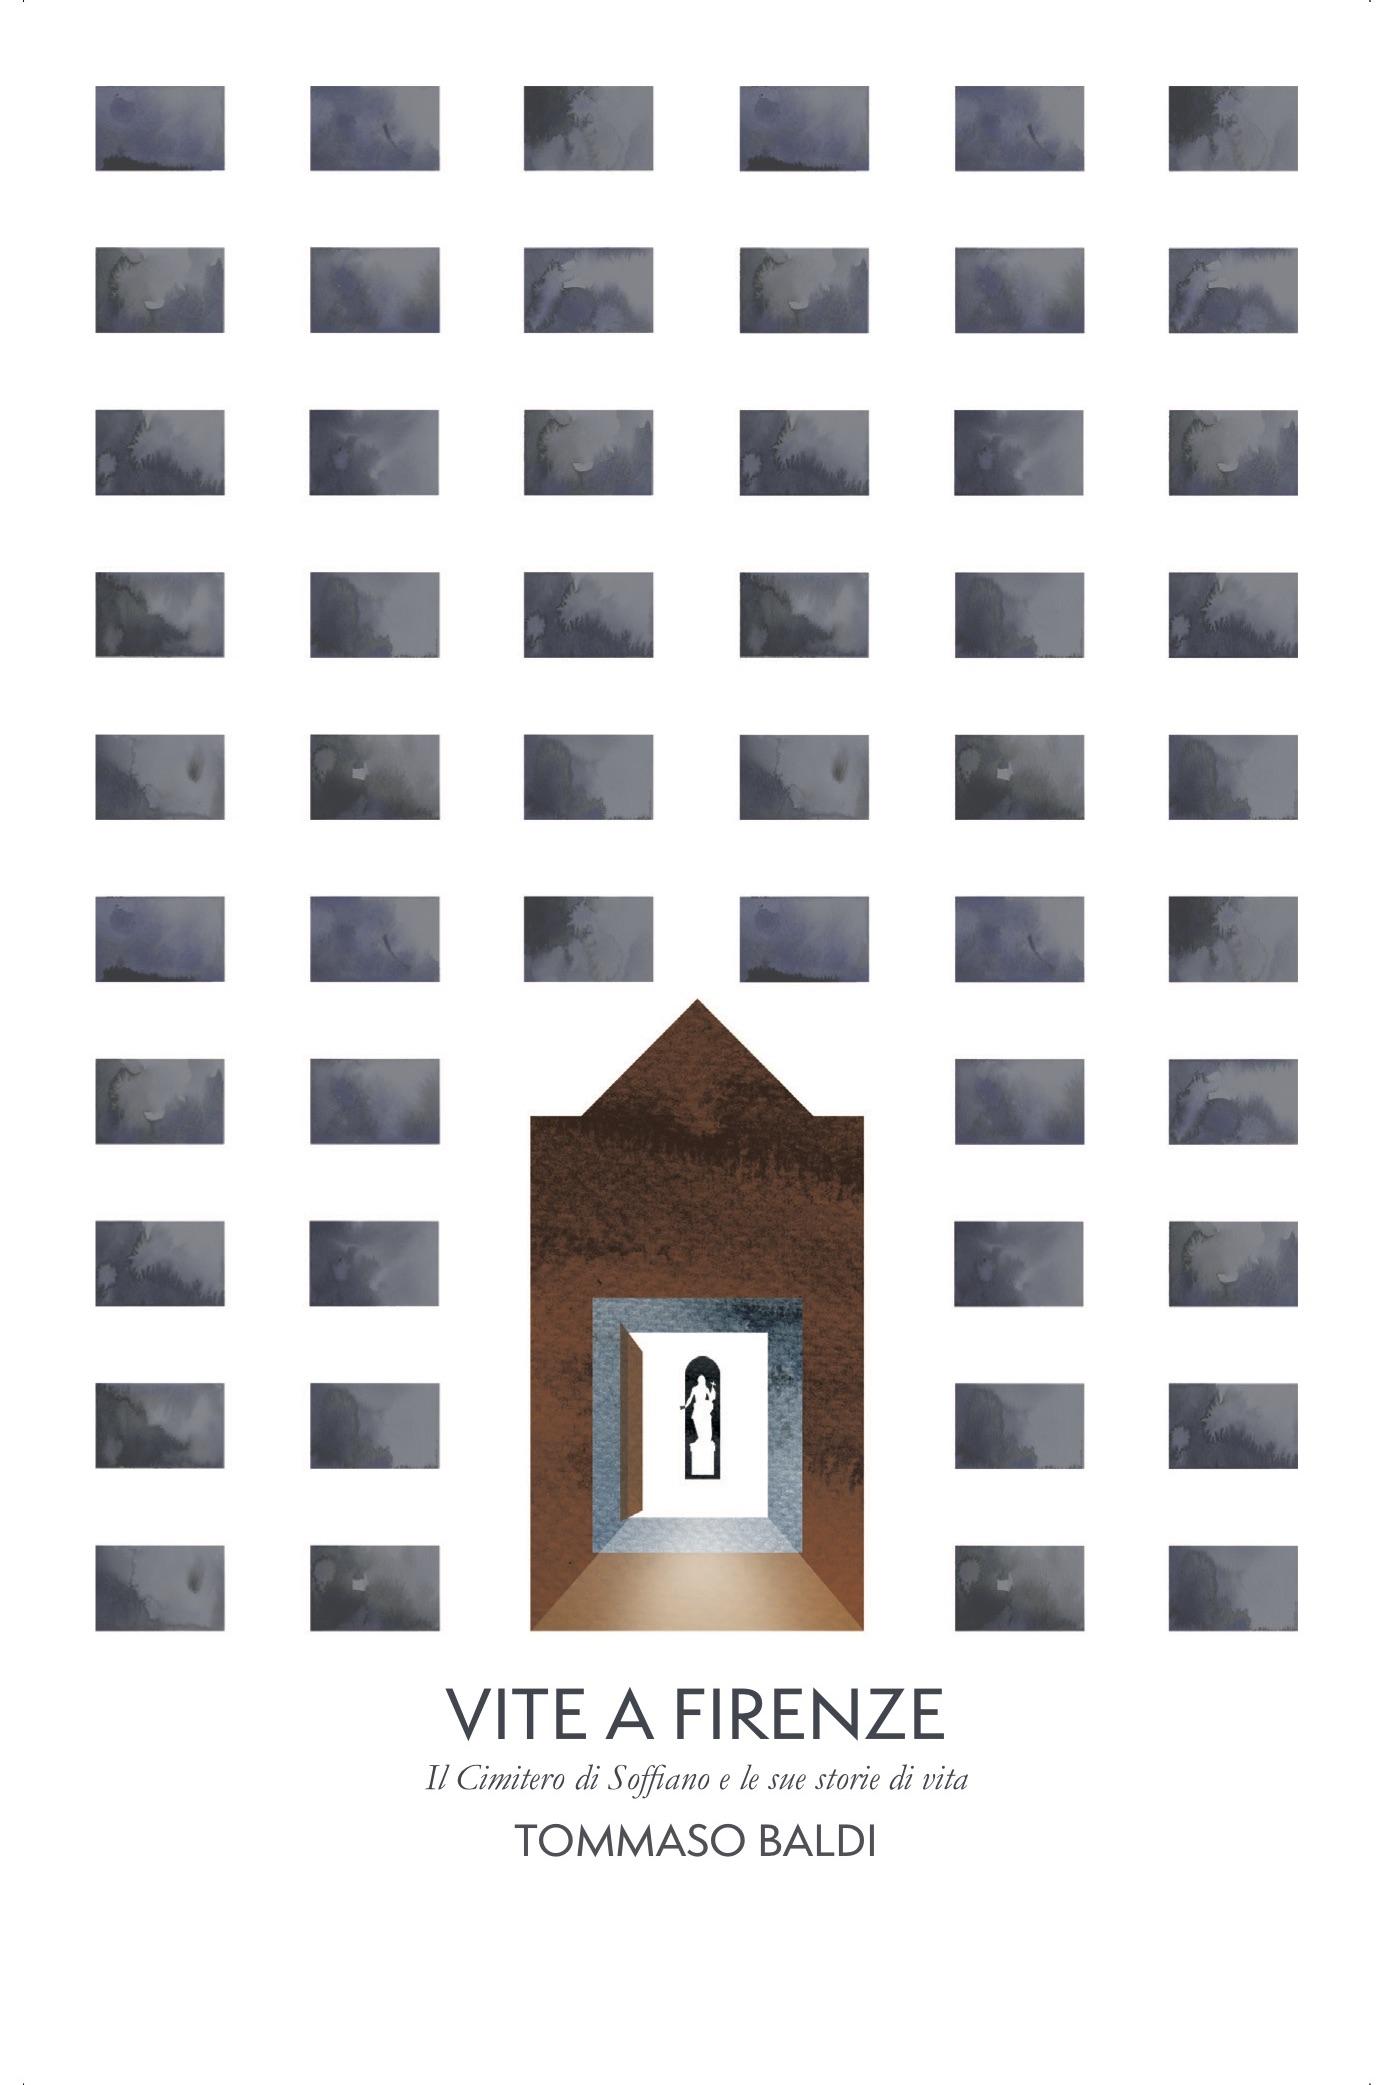 Cover, Vite A Firenze